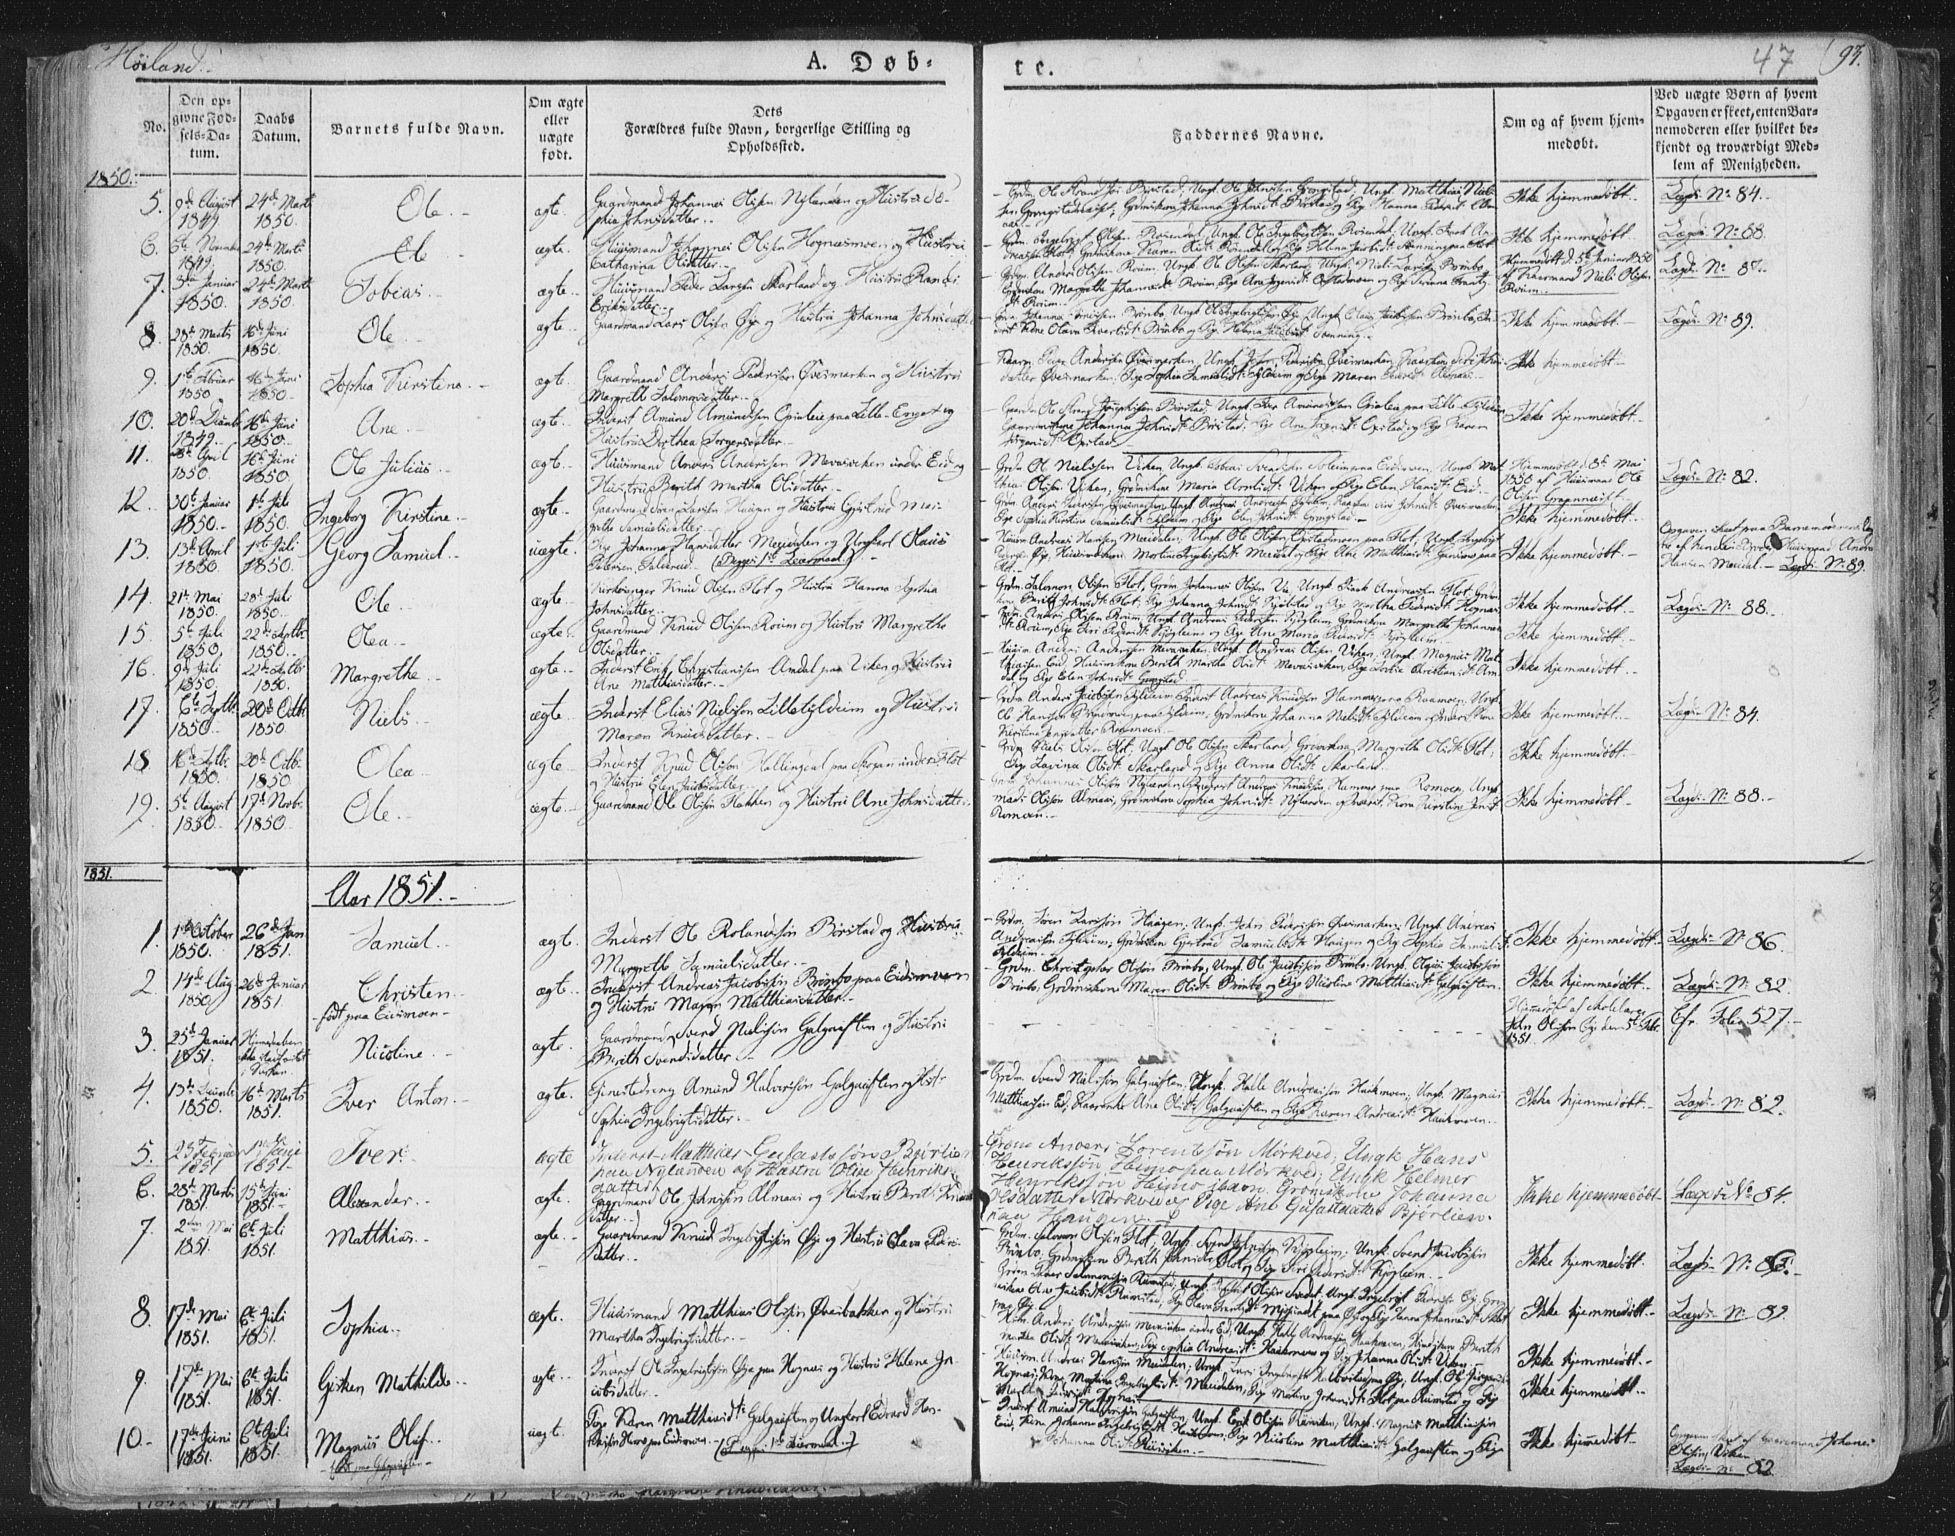 SAT, Ministerialprotokoller, klokkerbøker og fødselsregistre - Nord-Trøndelag, 758/L0513: Ministerialbok nr. 758A02 /2, 1839-1868, s. 47